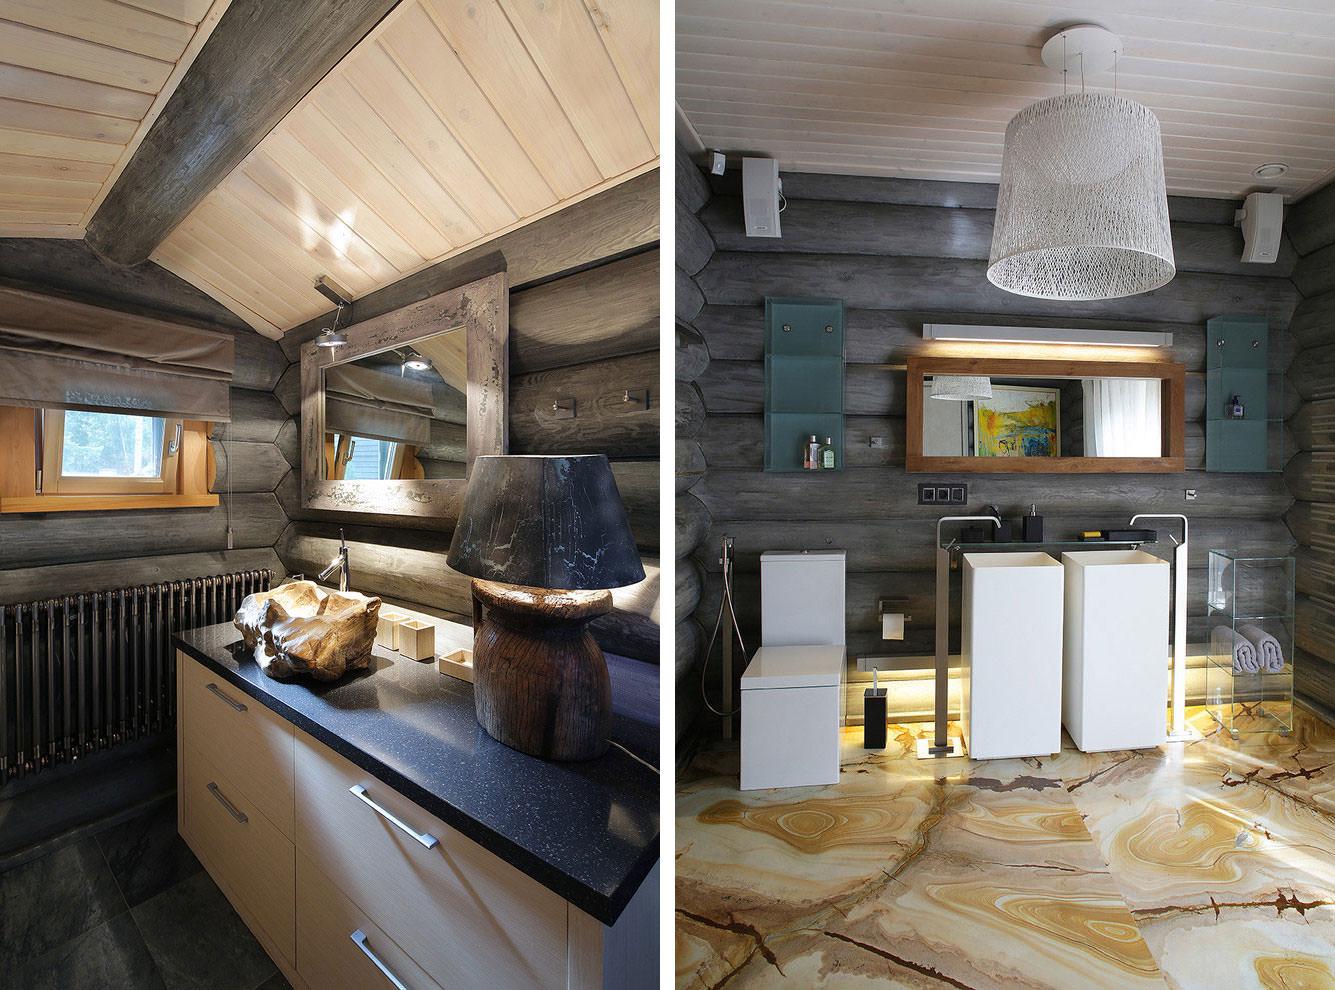 gorska-vila-s-prekrasen-interior-i-eksterior-postroena-ot-darvo-914g